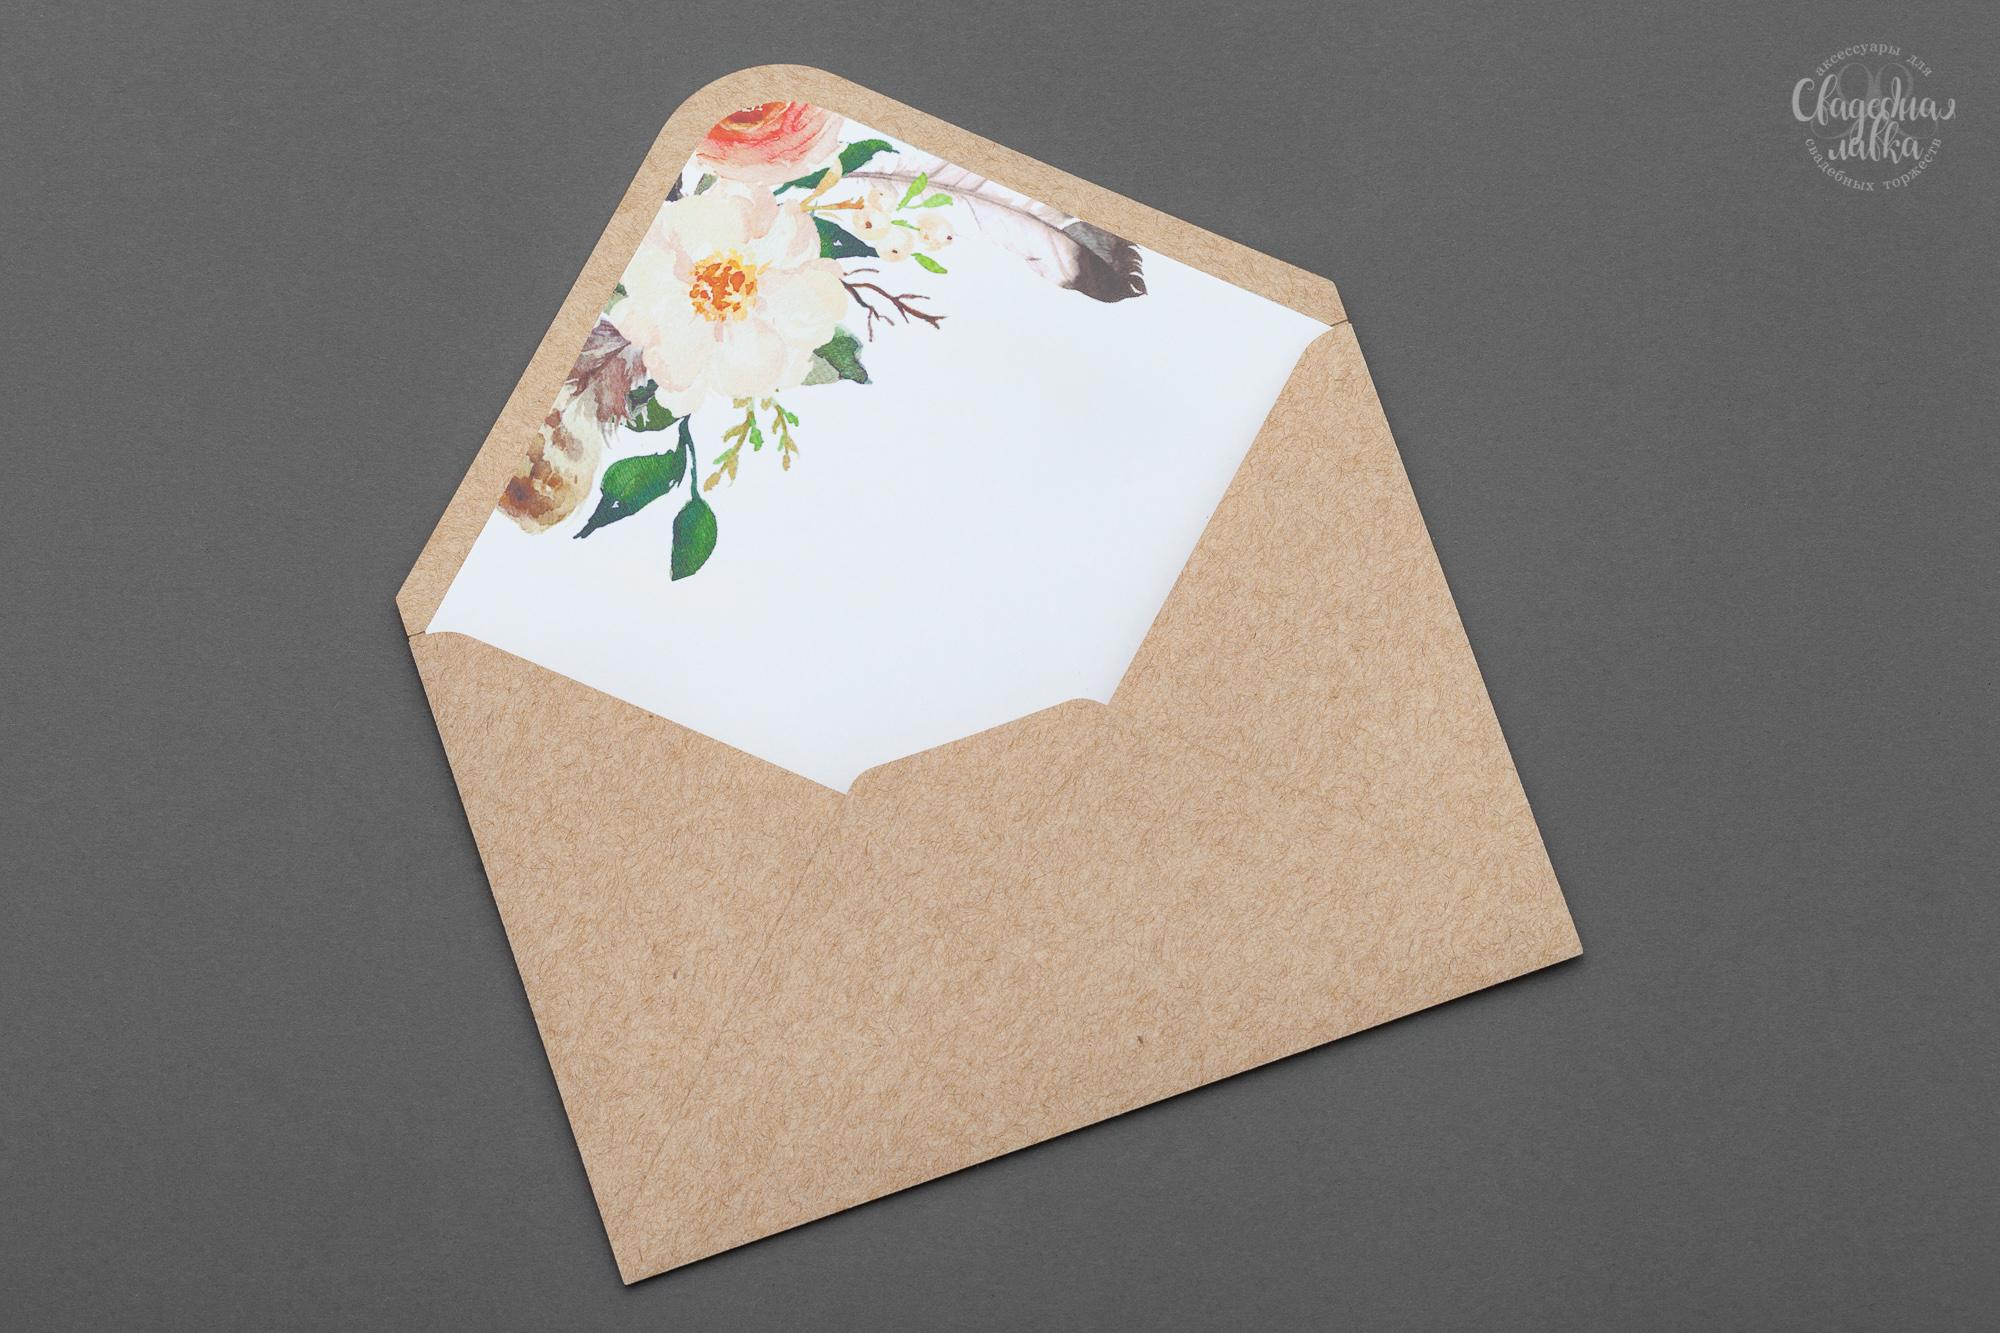 продолжение конверты для пригласительных открыток самый